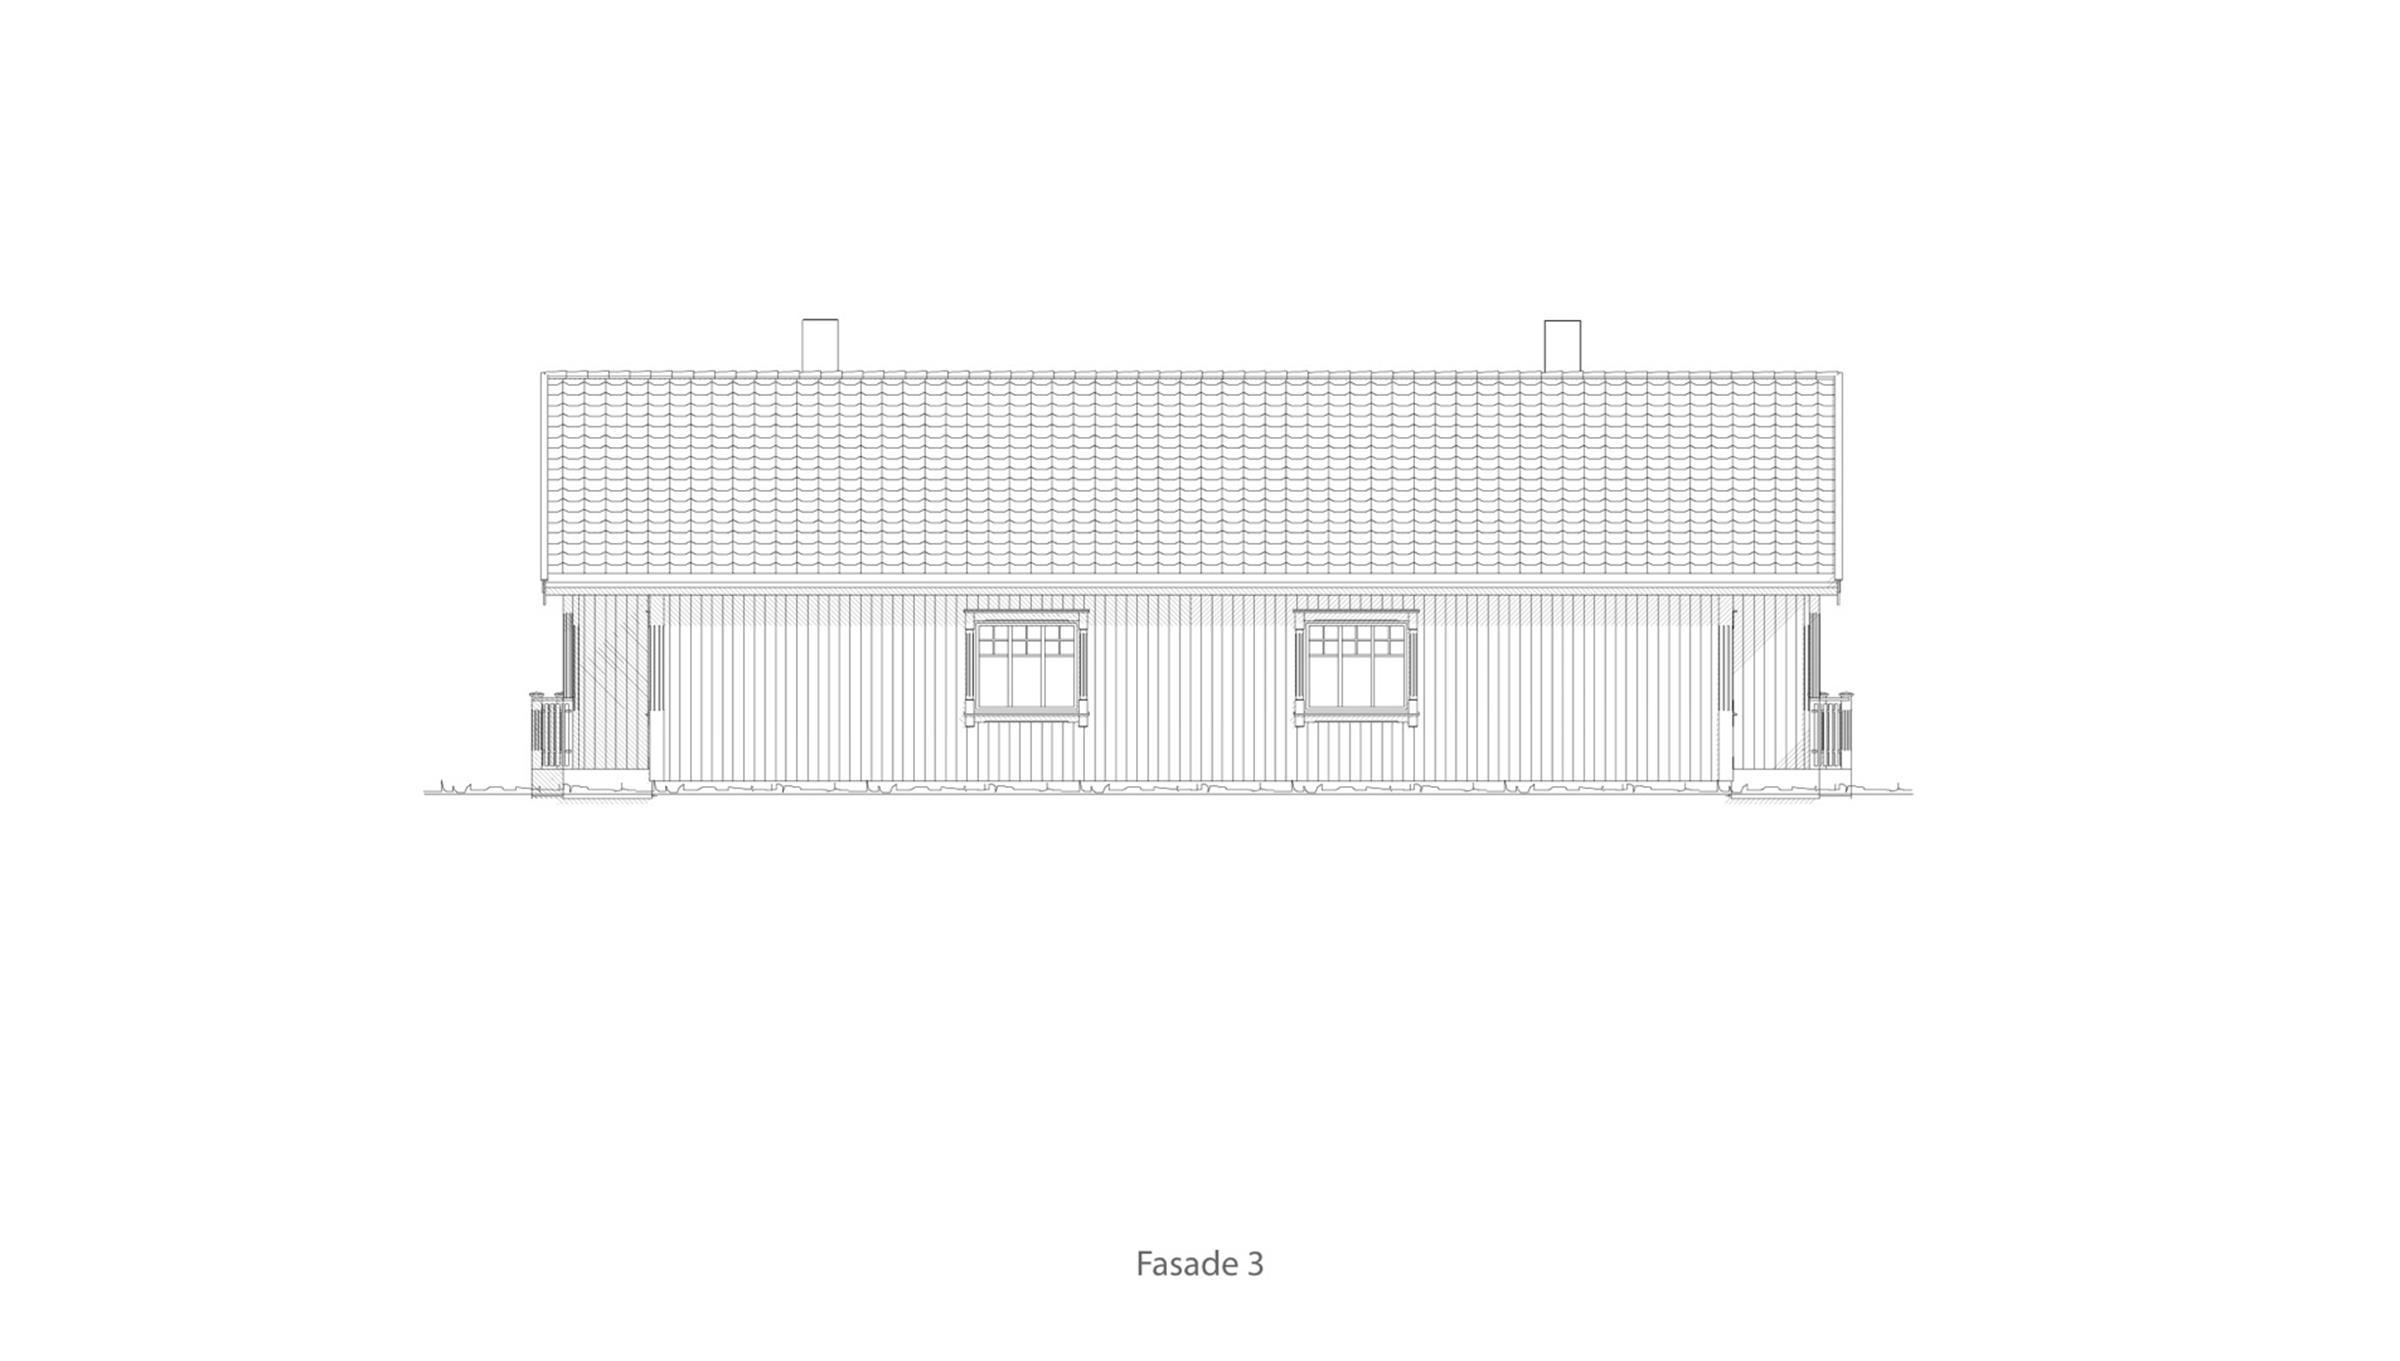 Leknes fasade 3